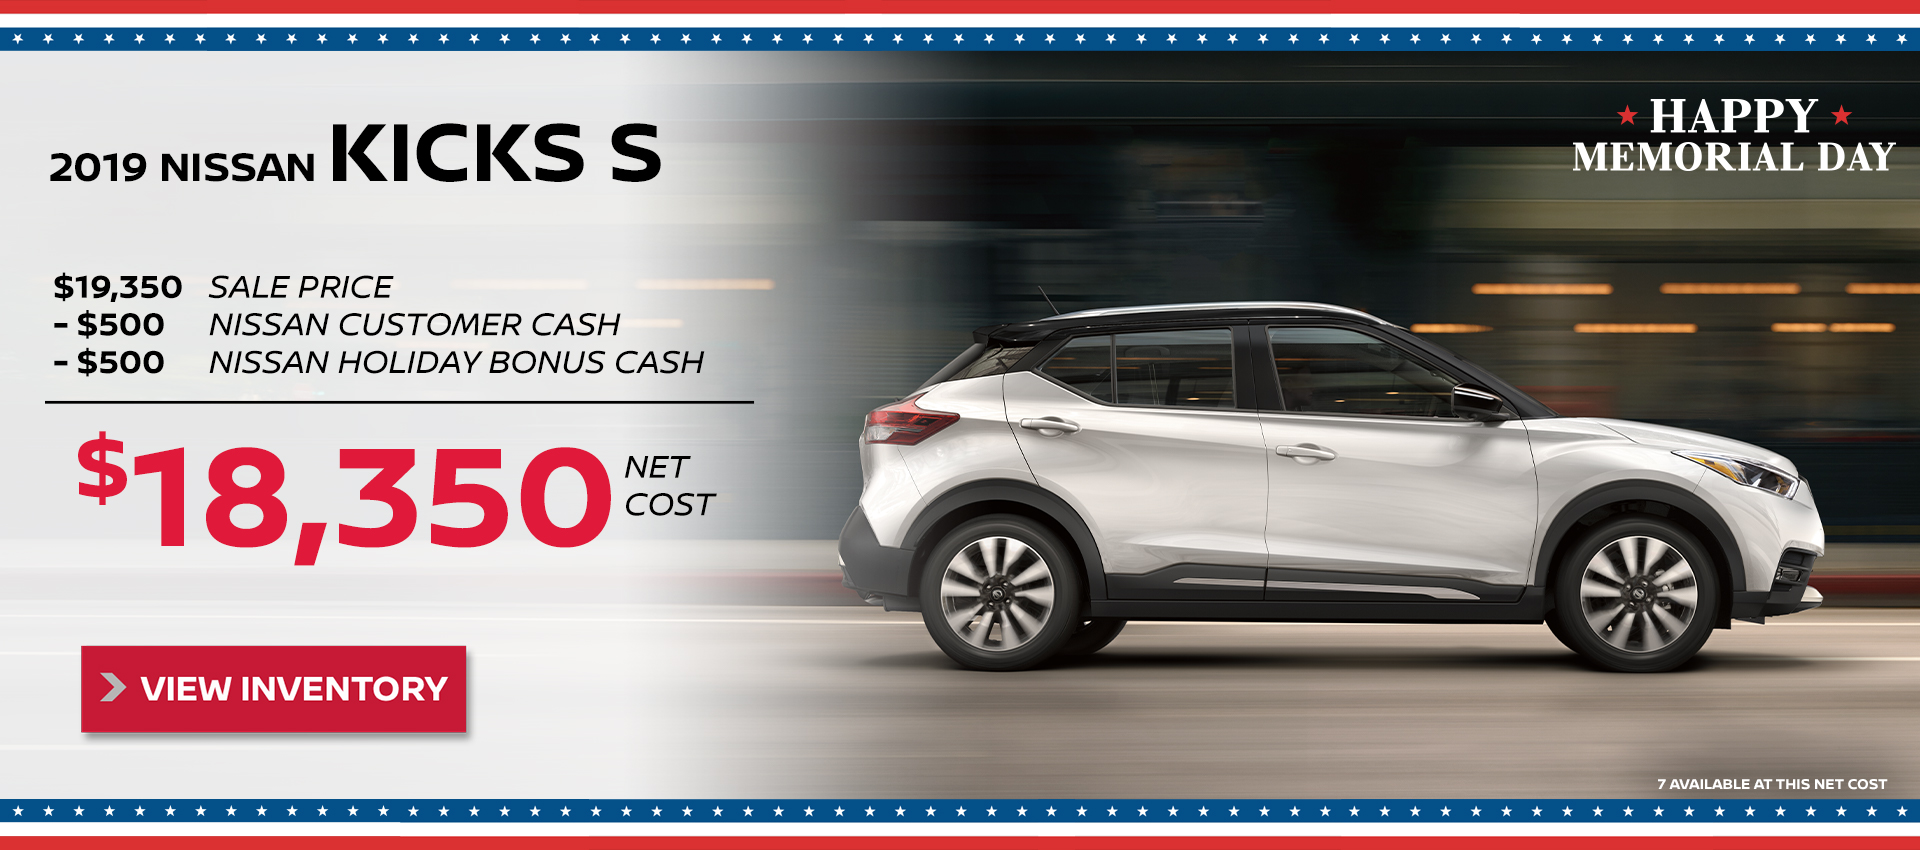 Mossy Nissan - Kicks $18,350 HP